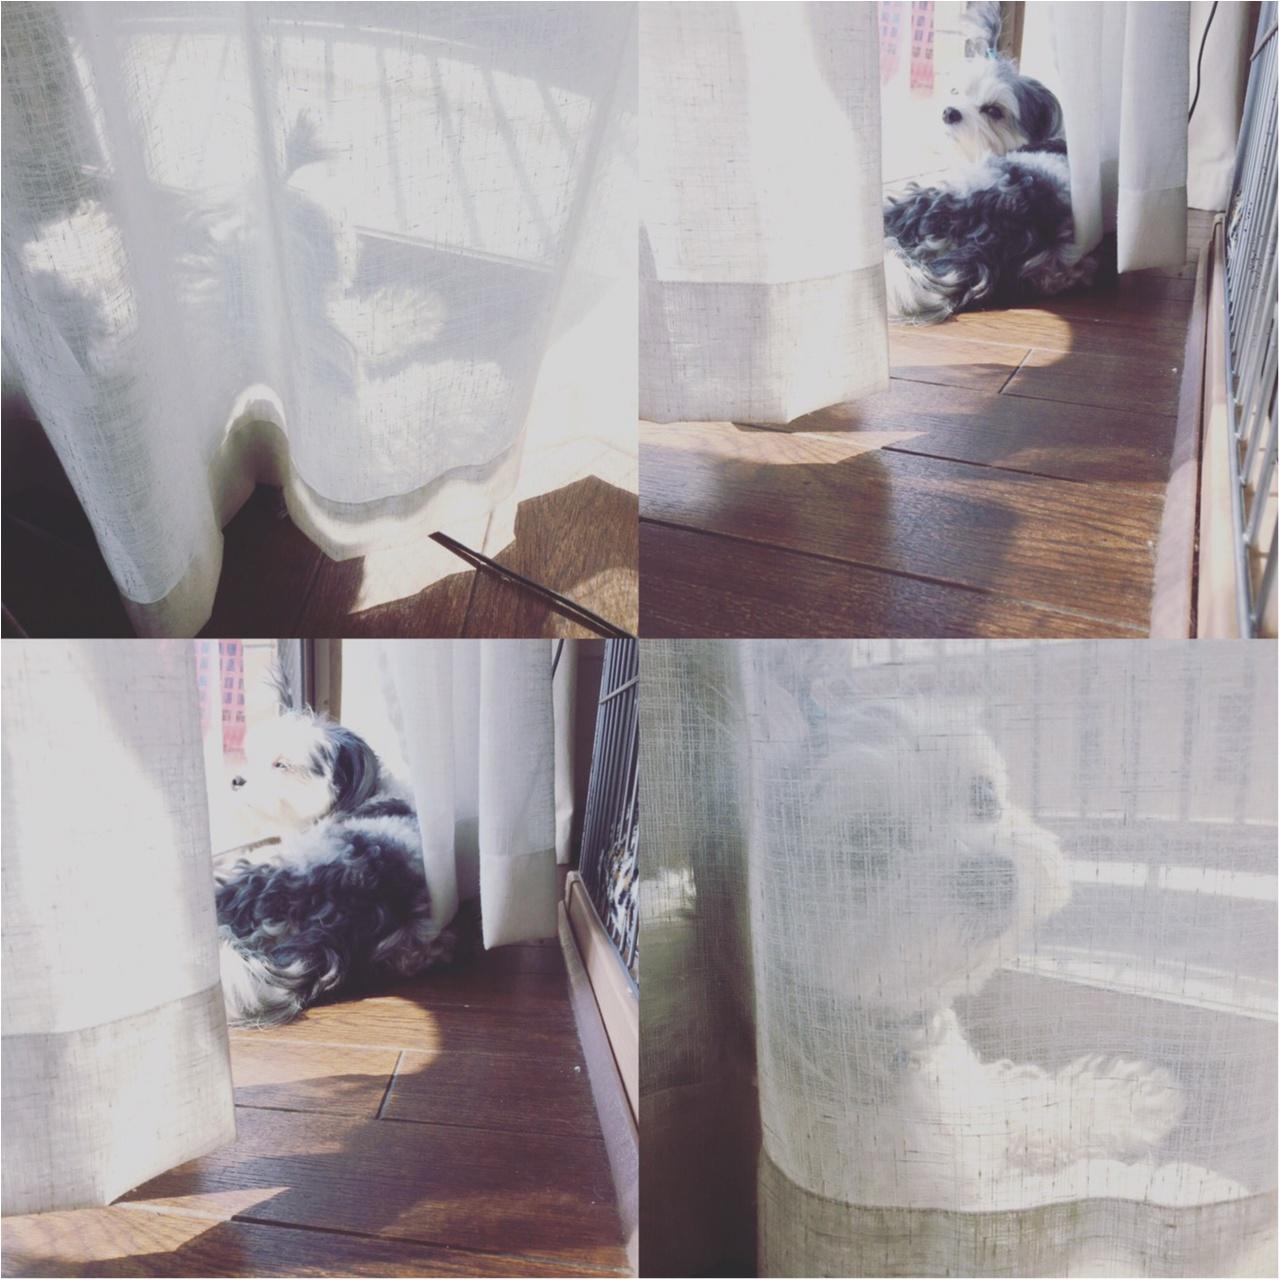 【今日のわんこ】春風に吹かれて♡ 太郎くんは、窓辺でたそがれ中♪_1